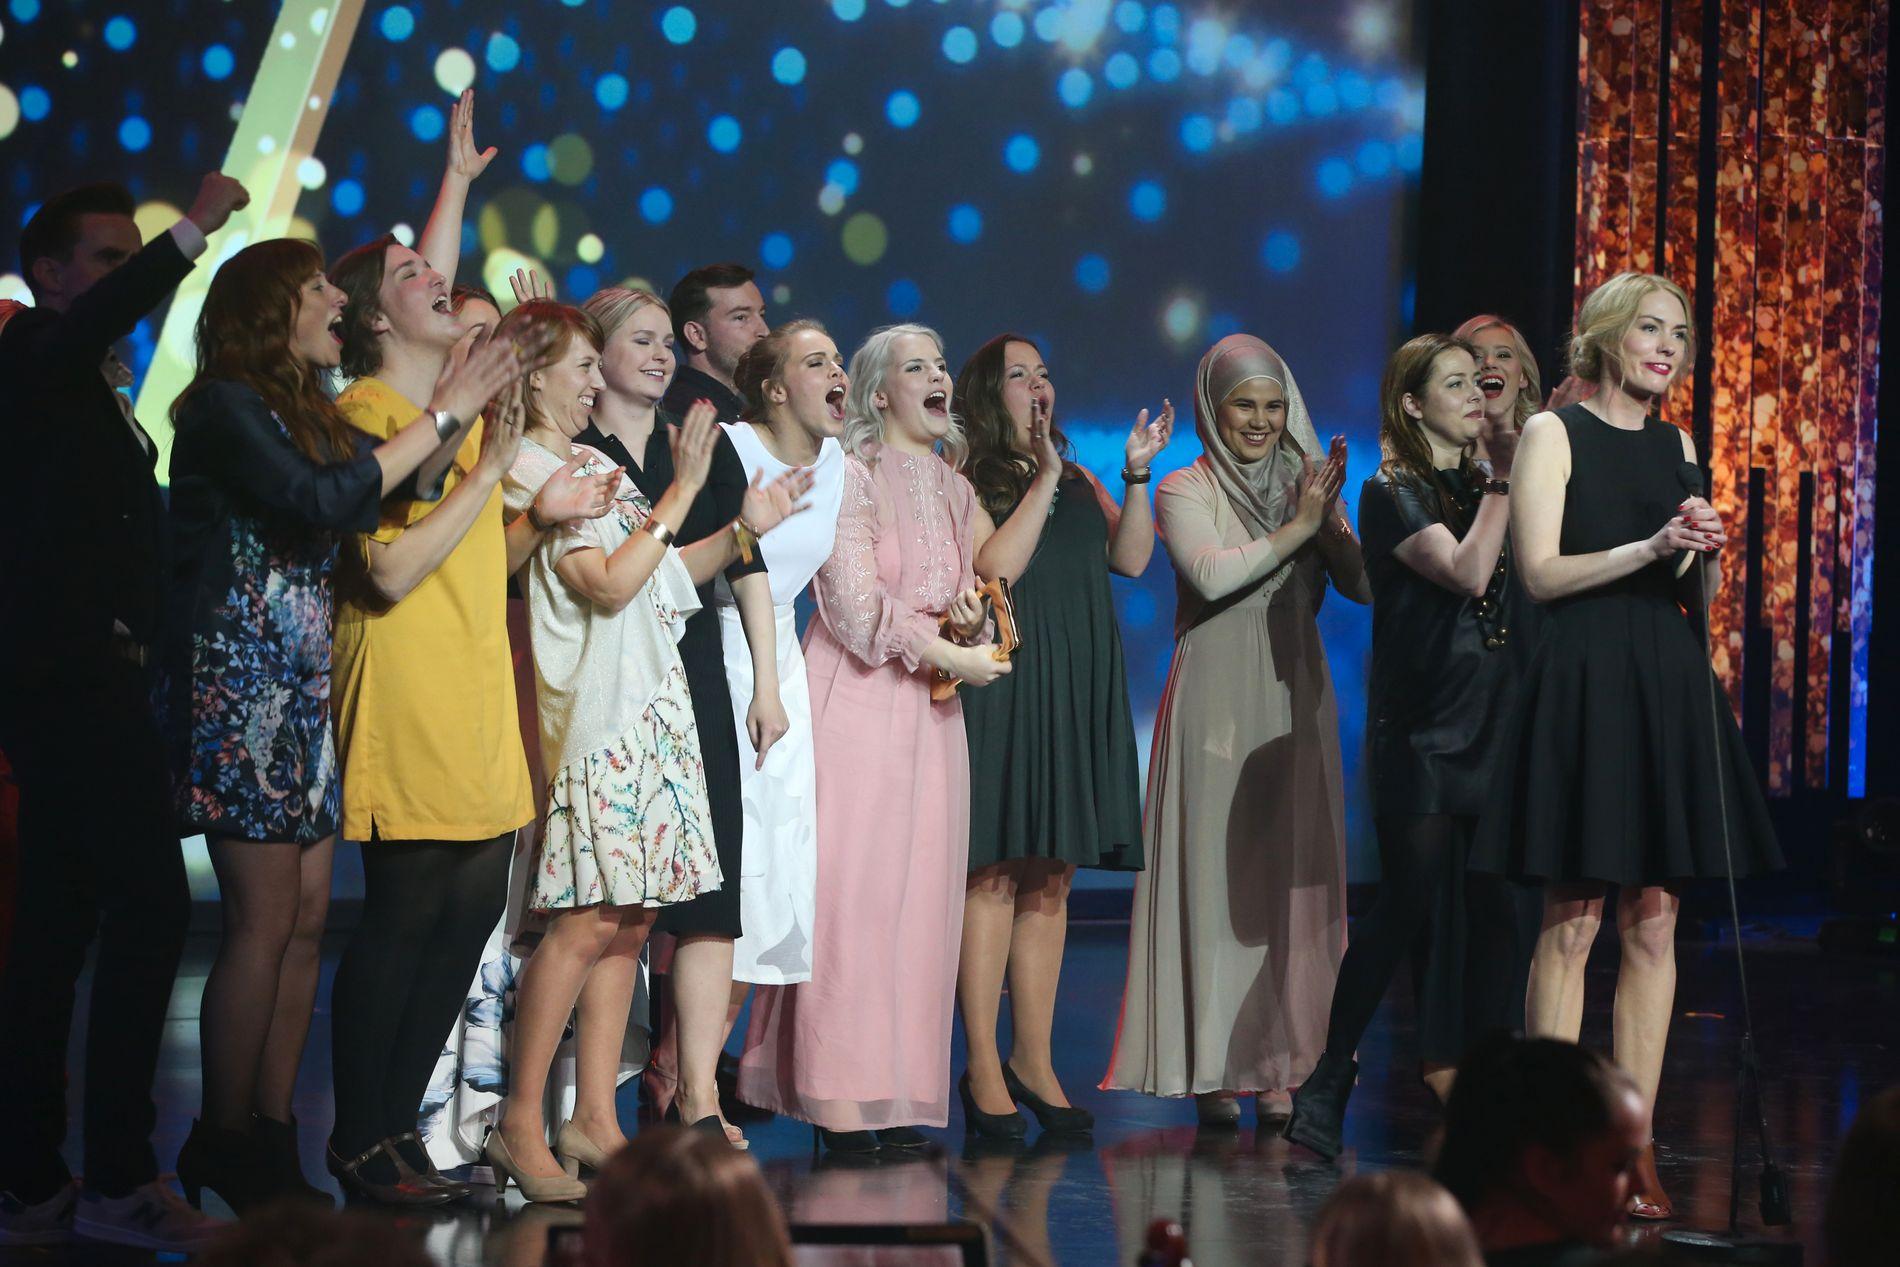 PRISVINNERE: «Skam» vant Gullrute for beste nye programserie